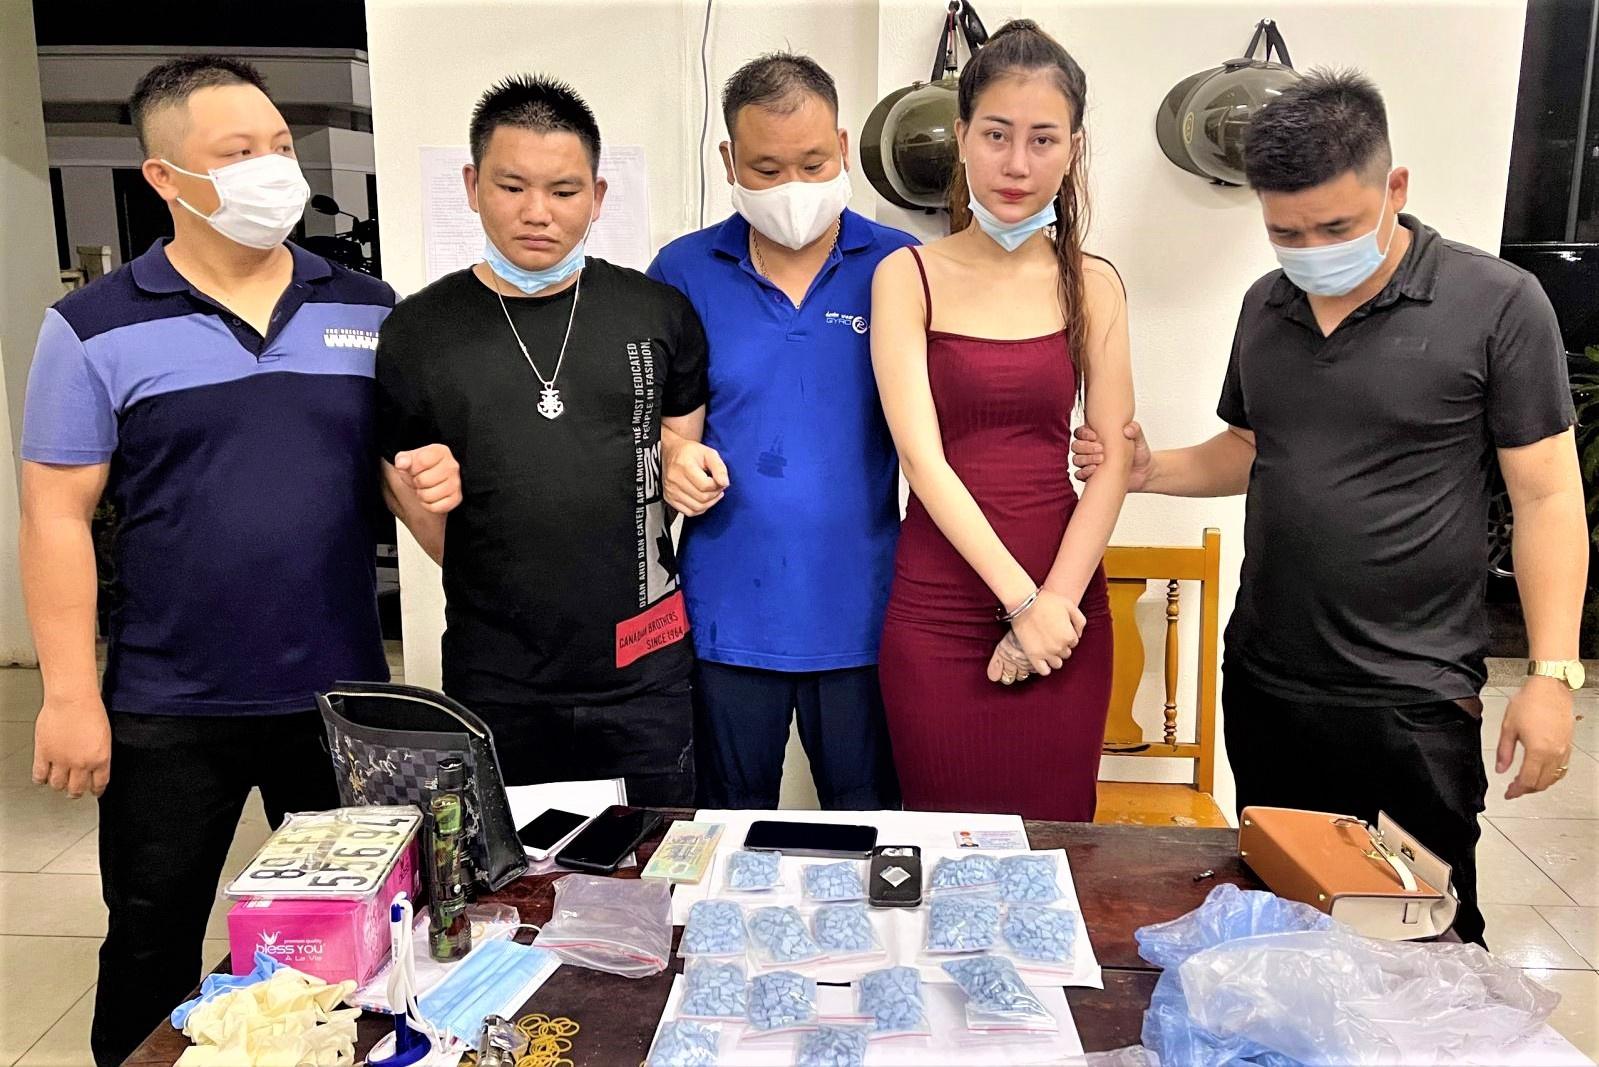 thuoclac 1627975560887 16279755617491111643490 Kiều nữ vận chuyển 1.500 viên thuốc lắc bị khởi tố